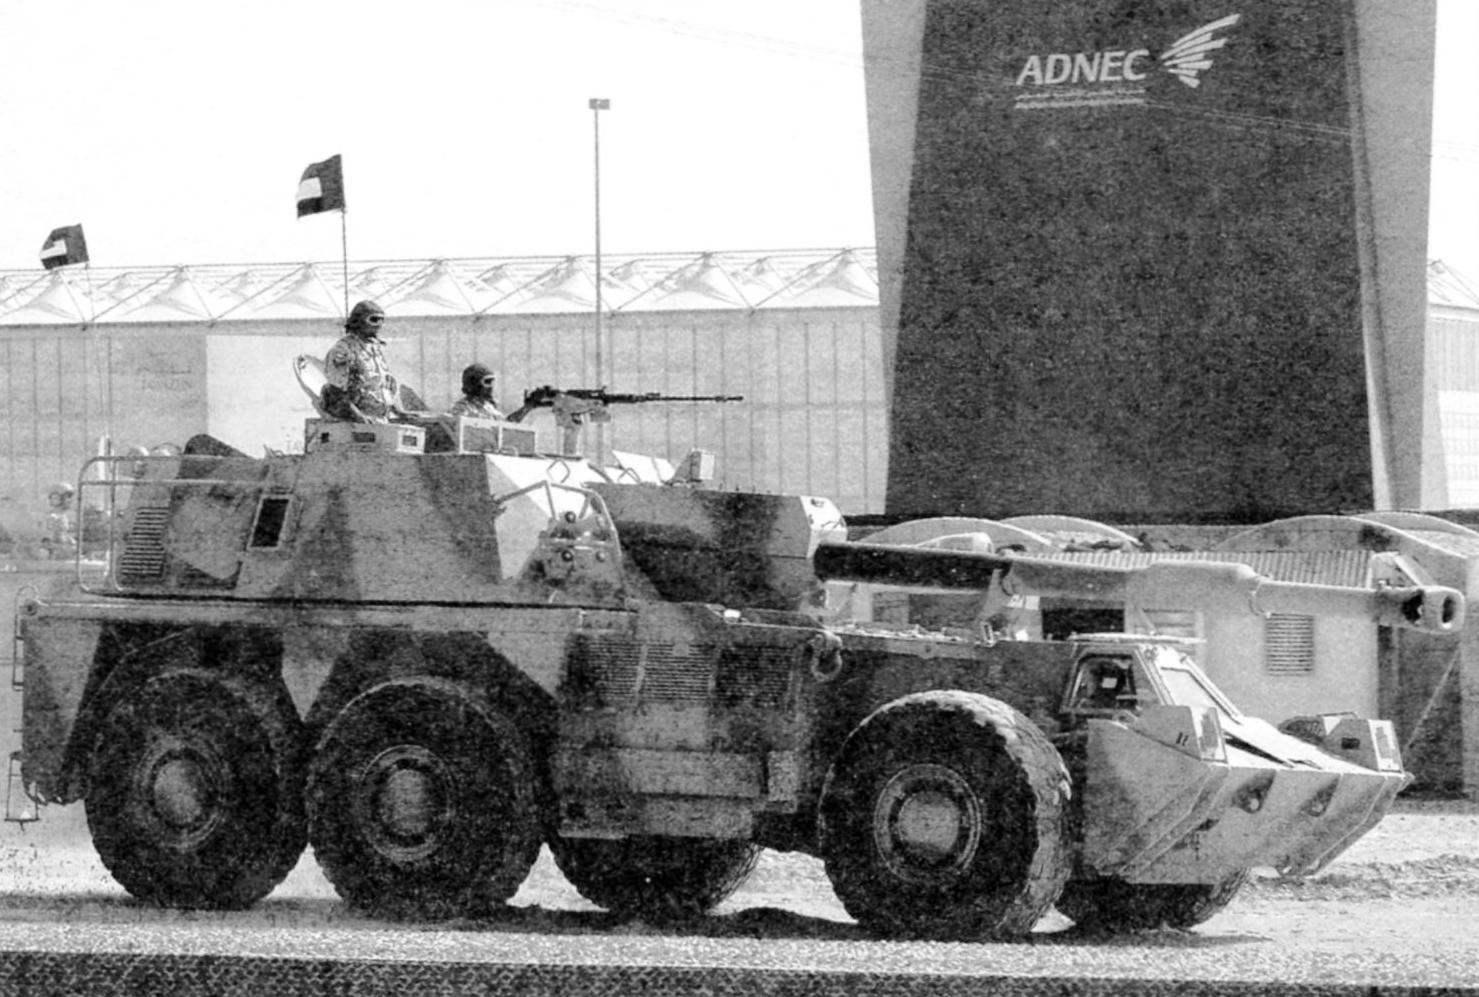 САУ G6 Phino («Носорог») армии Объединённых Арабских Эмиратов. Демонстрация вооружения на Международной выставке IDEX. ОАЭ, март 2013 г.